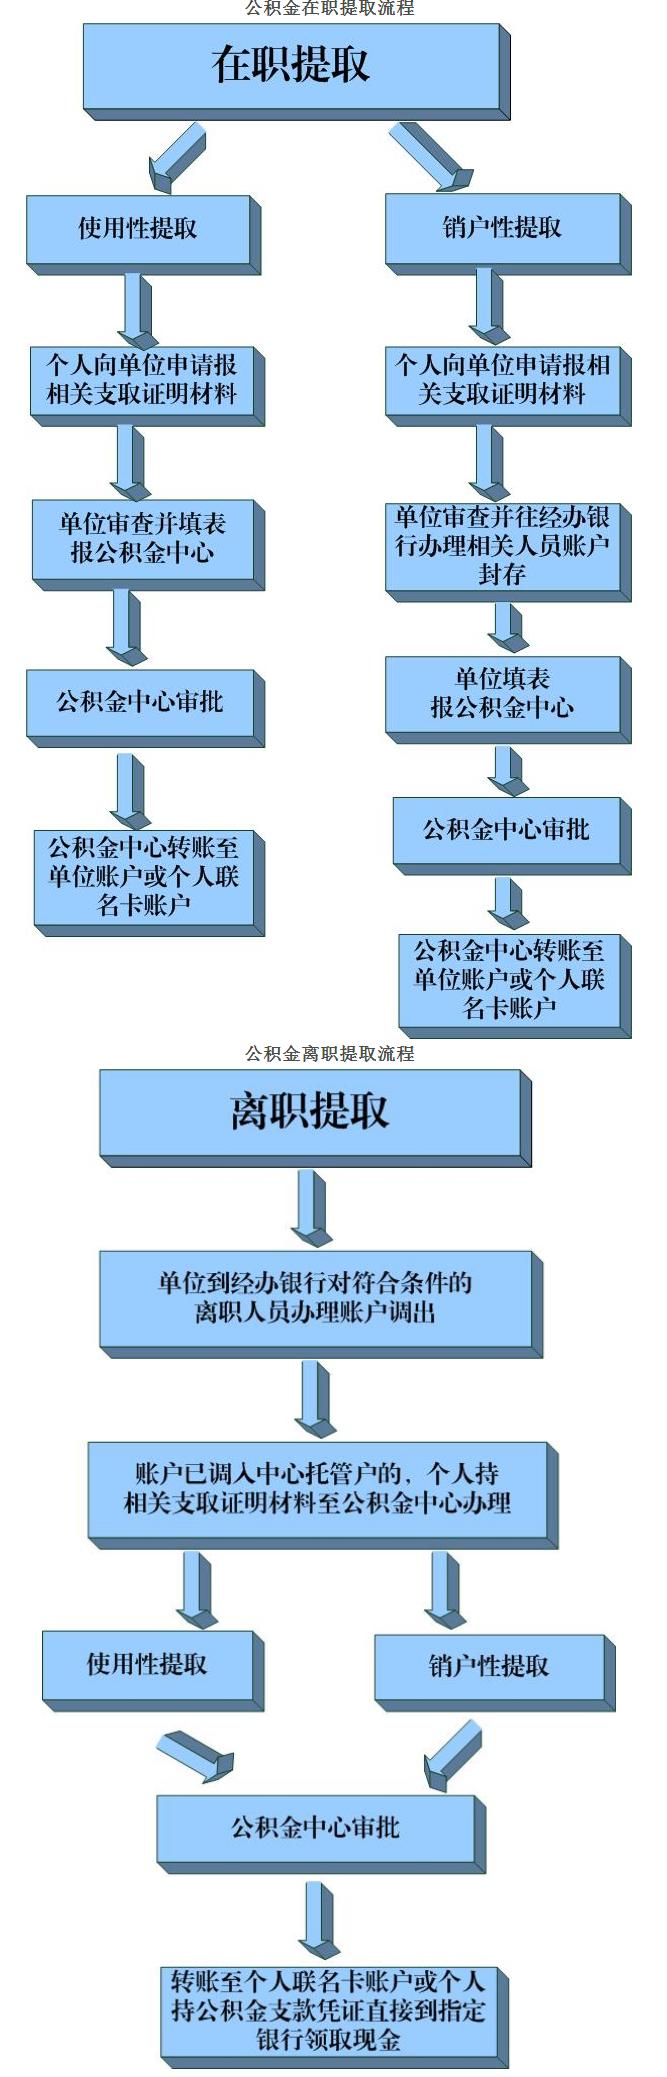 郑州卖房子的流程图